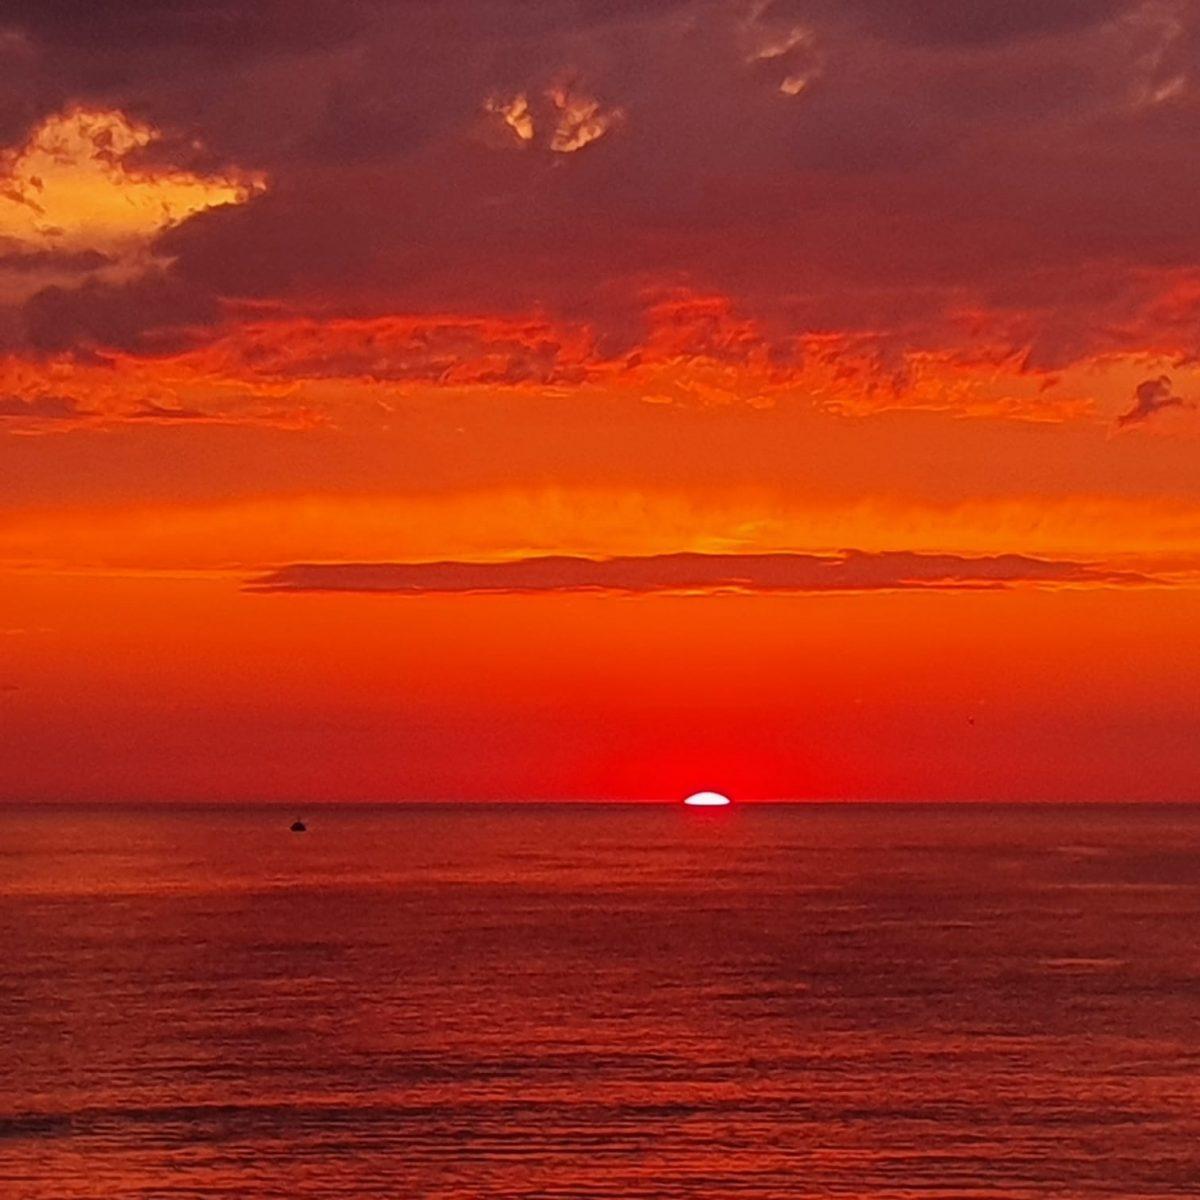 Sunset plage La Jenny